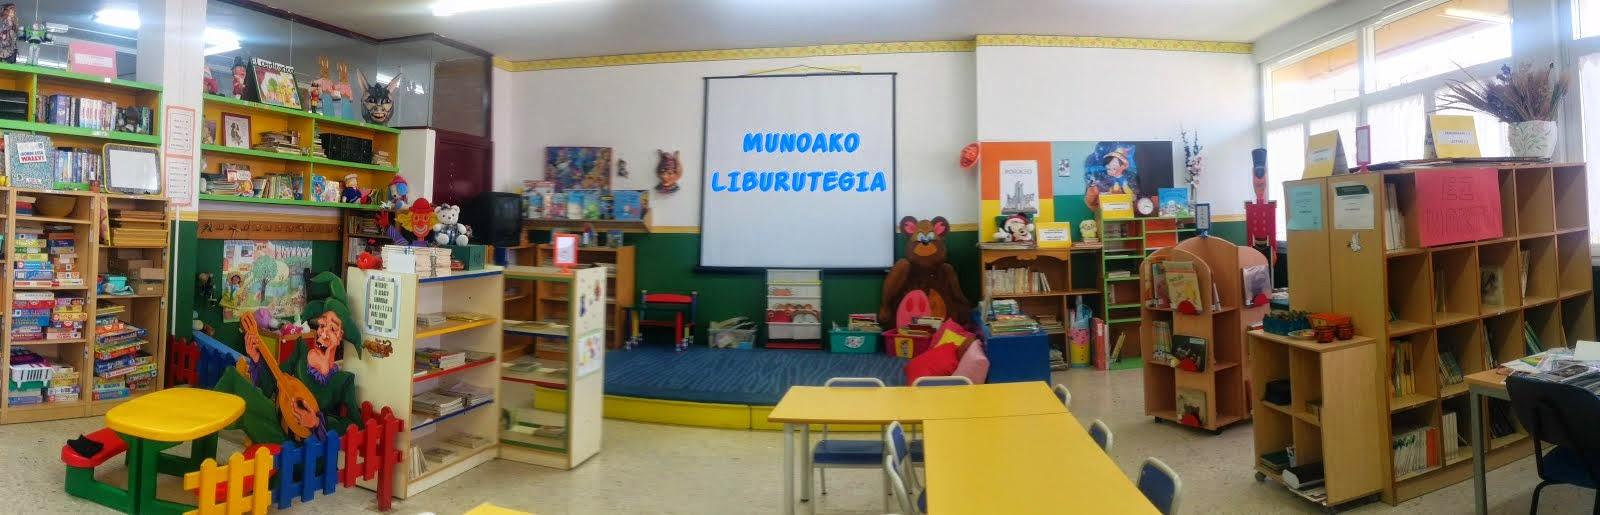 MUNOAKO LIBURUTEGIA